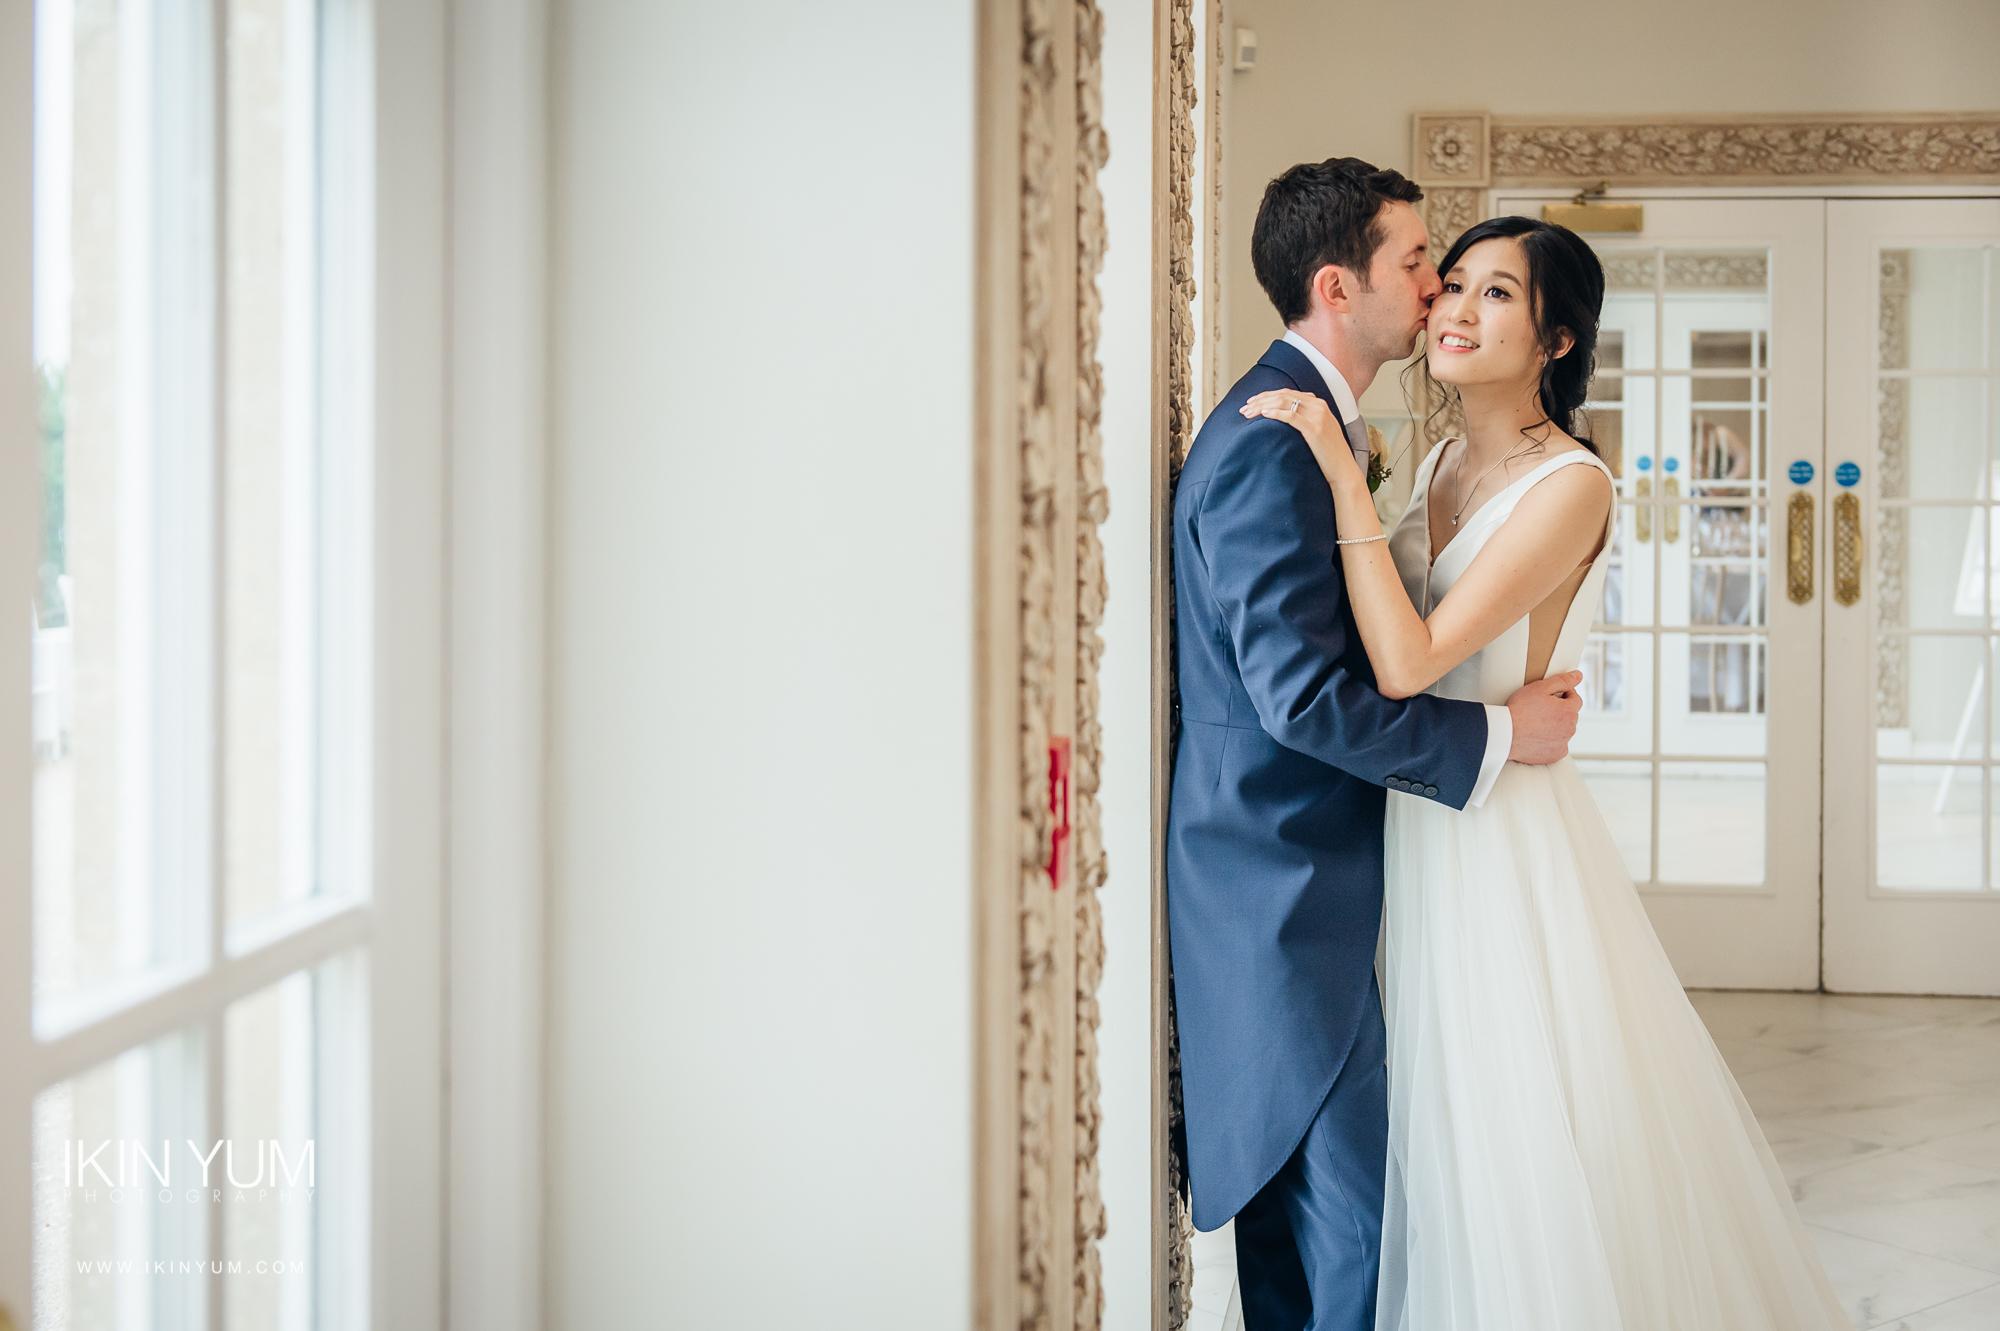 Nicola & Jonny Wedding Day - Ikin Yum Photography-096.jpg